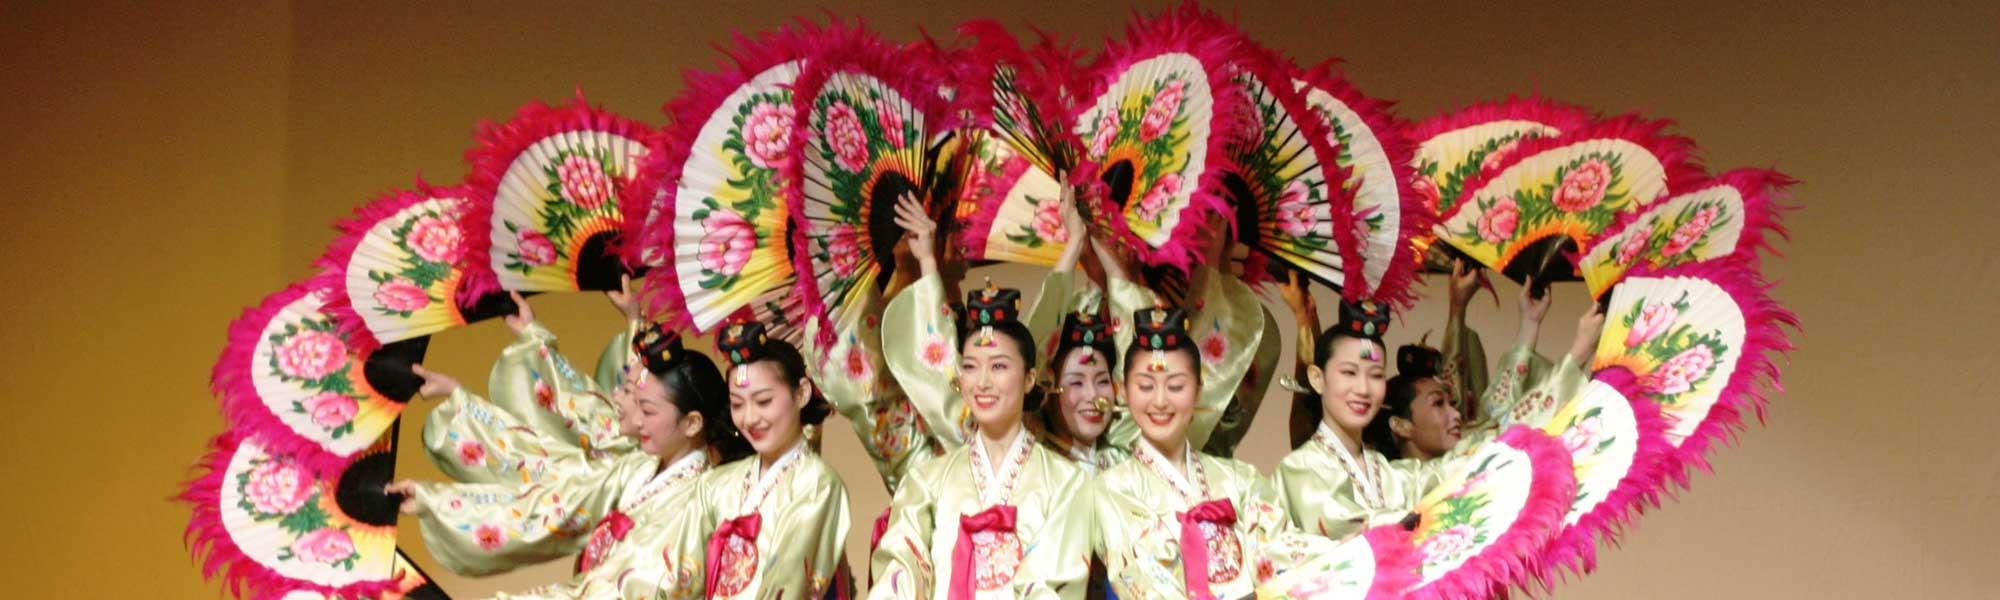 célèbres acteurs coréens datant